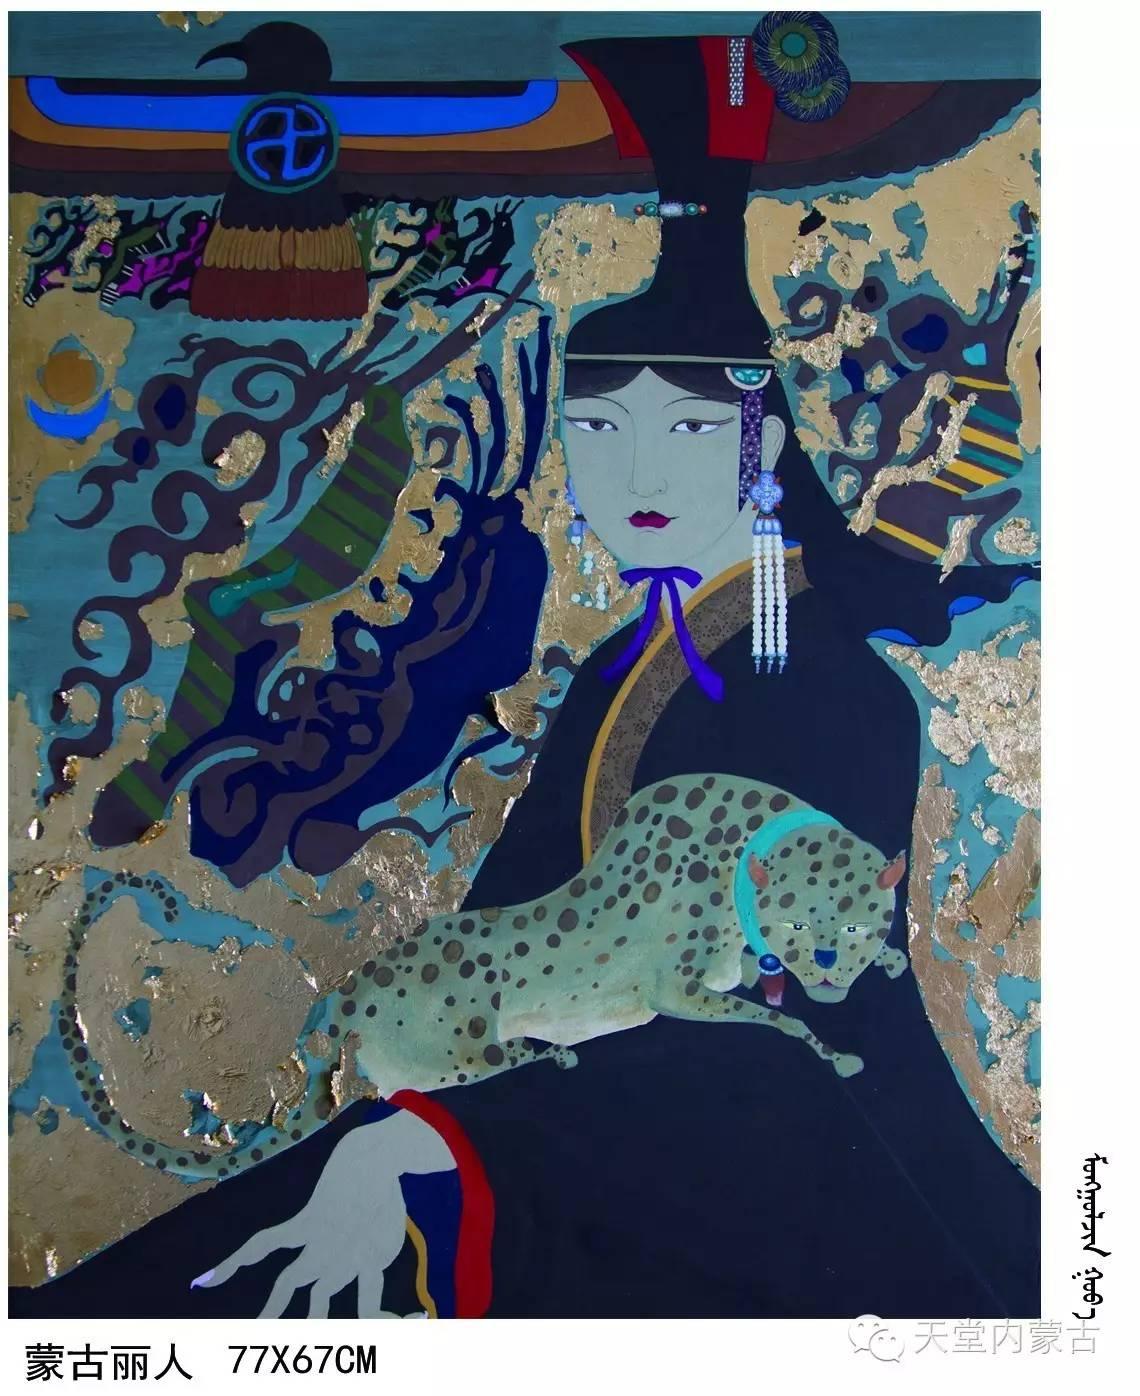 🔴内蒙古蒙古画艺术家乌云额尔德尼《故乡的呼唤》个人艺术展 第7张